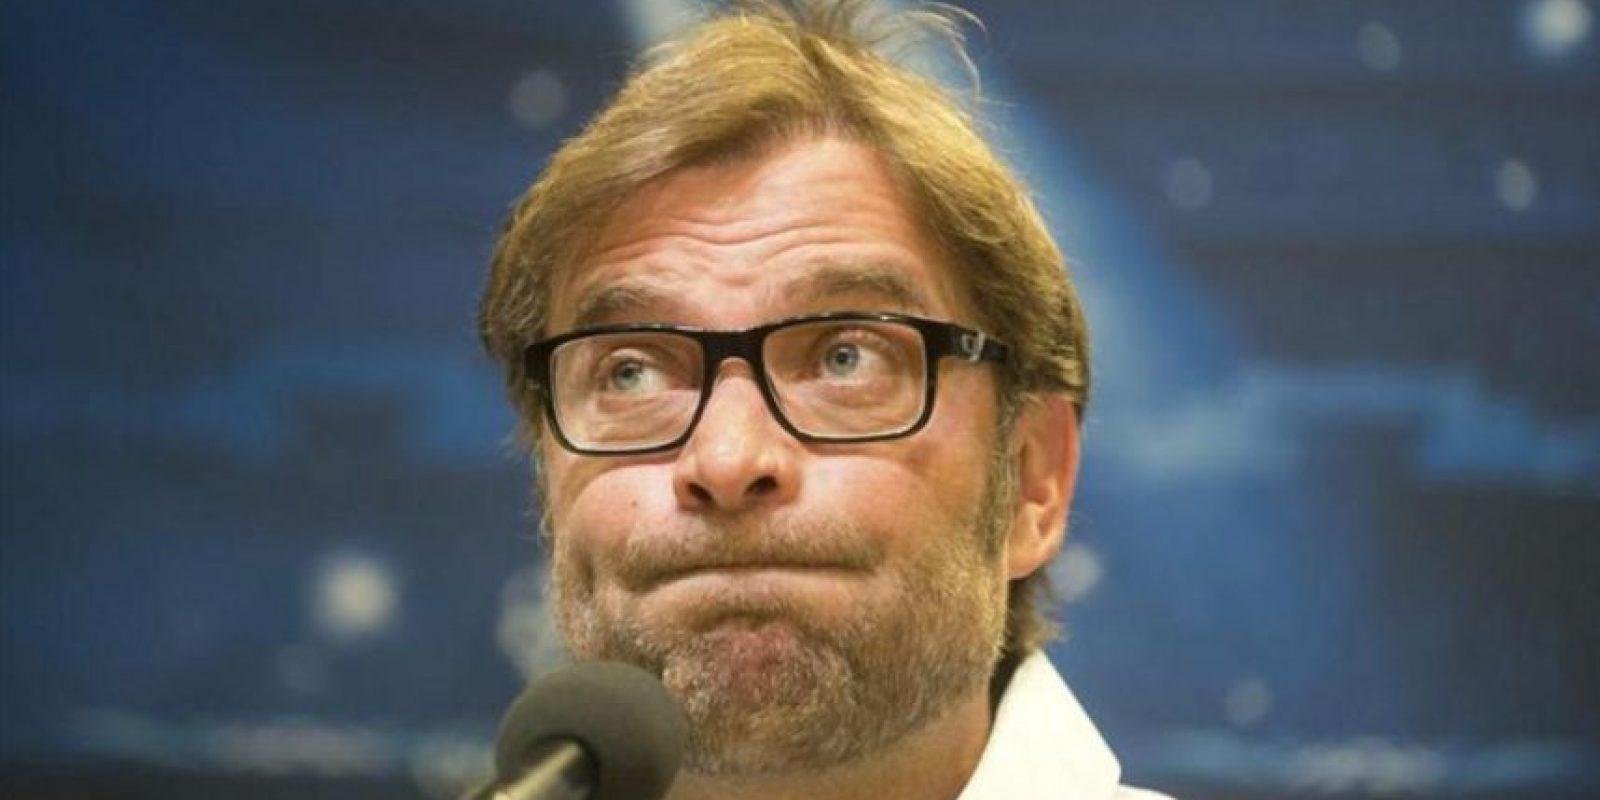 El entrenador del Borussia Dortmund, Juergen Klopp, gesticula en una rueda de prensa celebrada en Dortmund. EFE